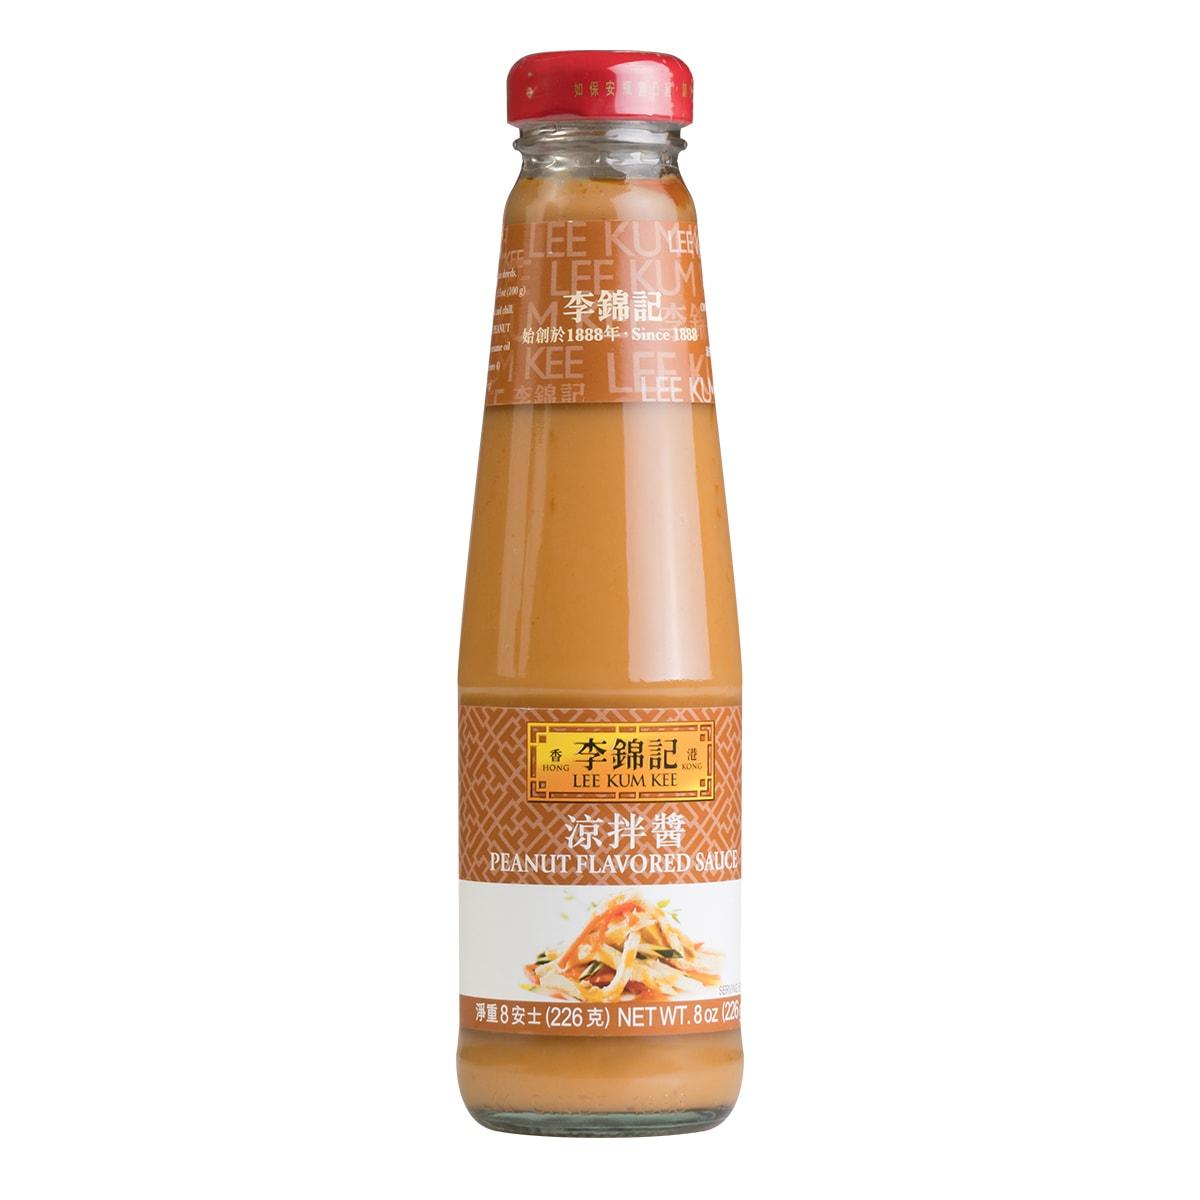 香港李锦记 凉拌酱 226g